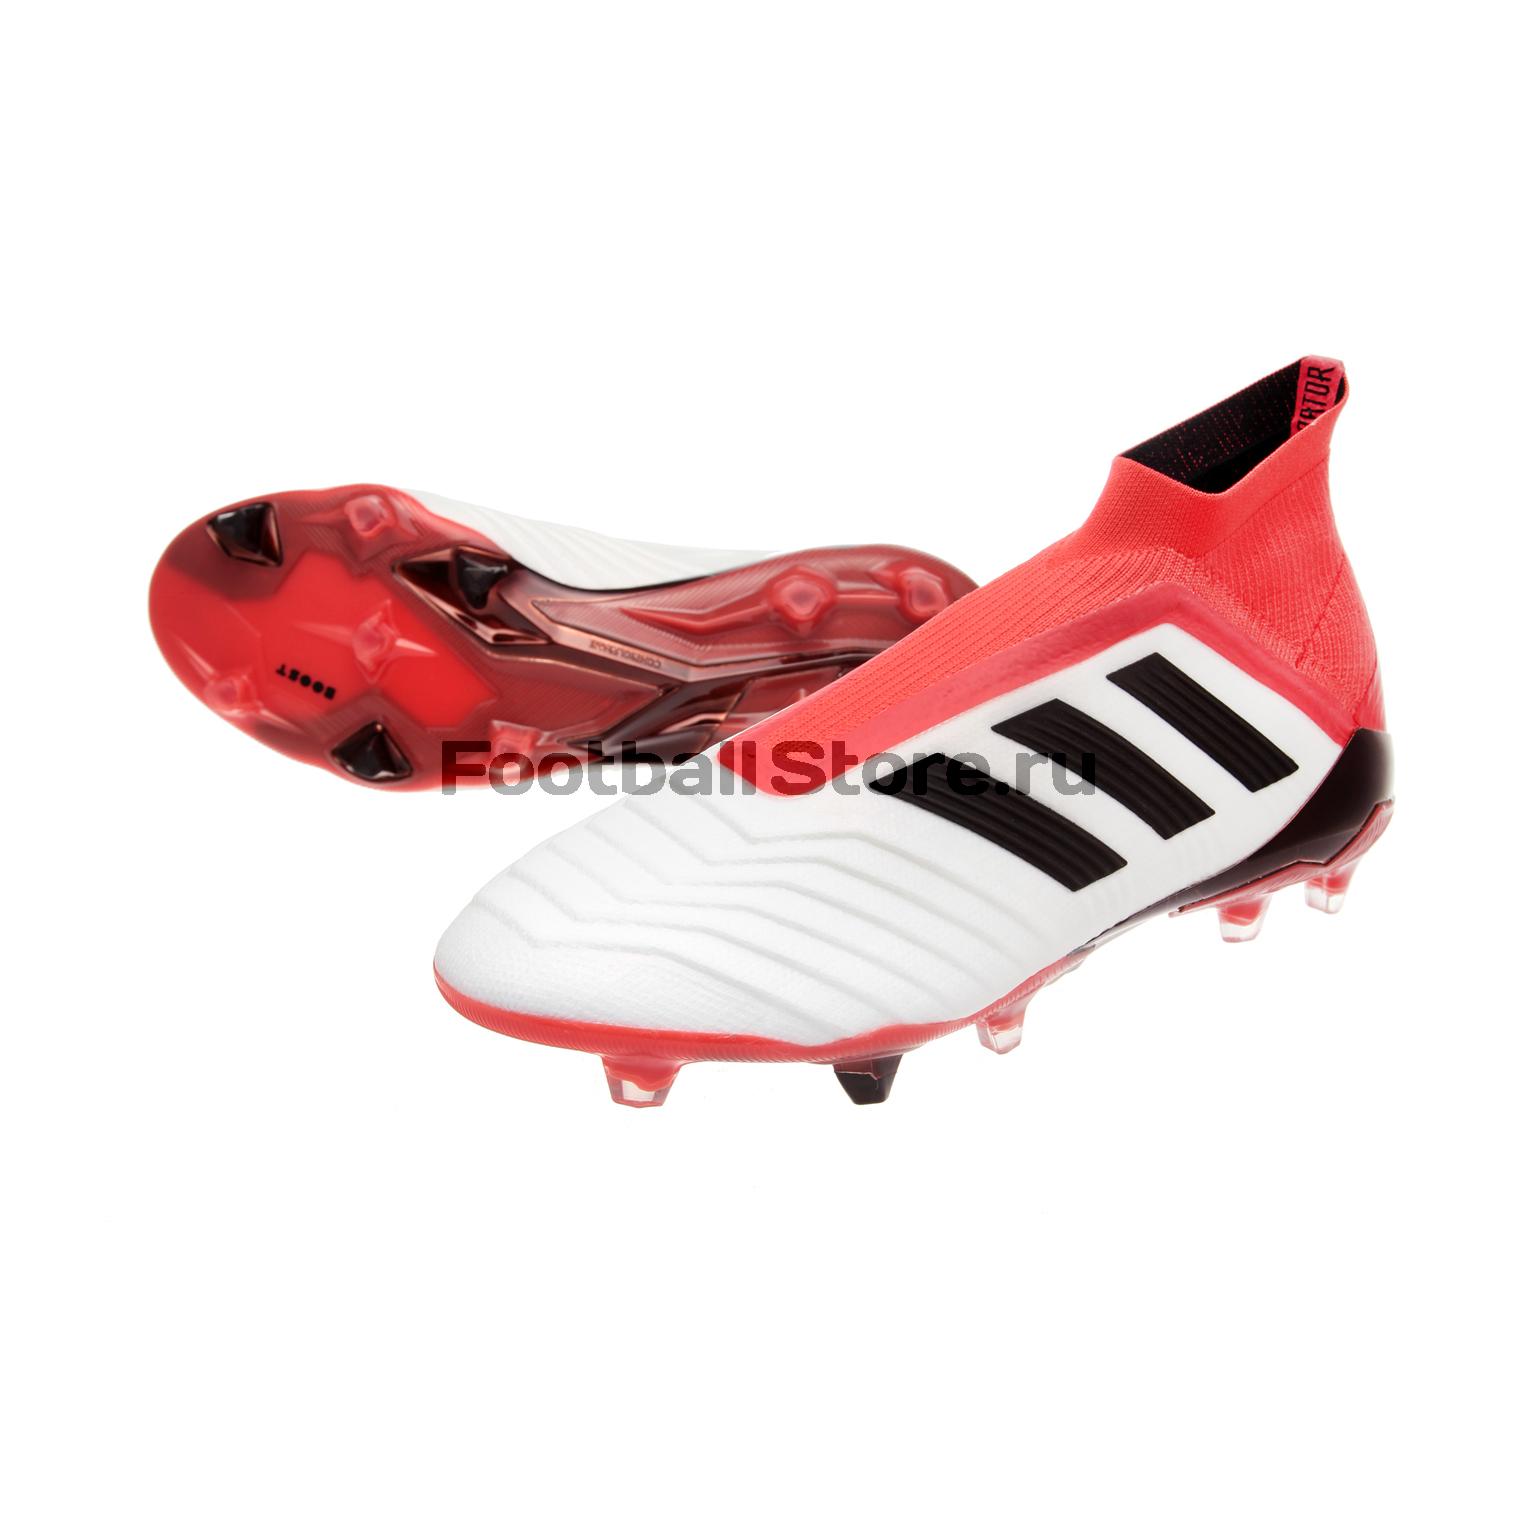 купить Игровые бутсы Adidas Бутсы Adidas Predator 18+ FG CM7391 по цене 21990 рублей